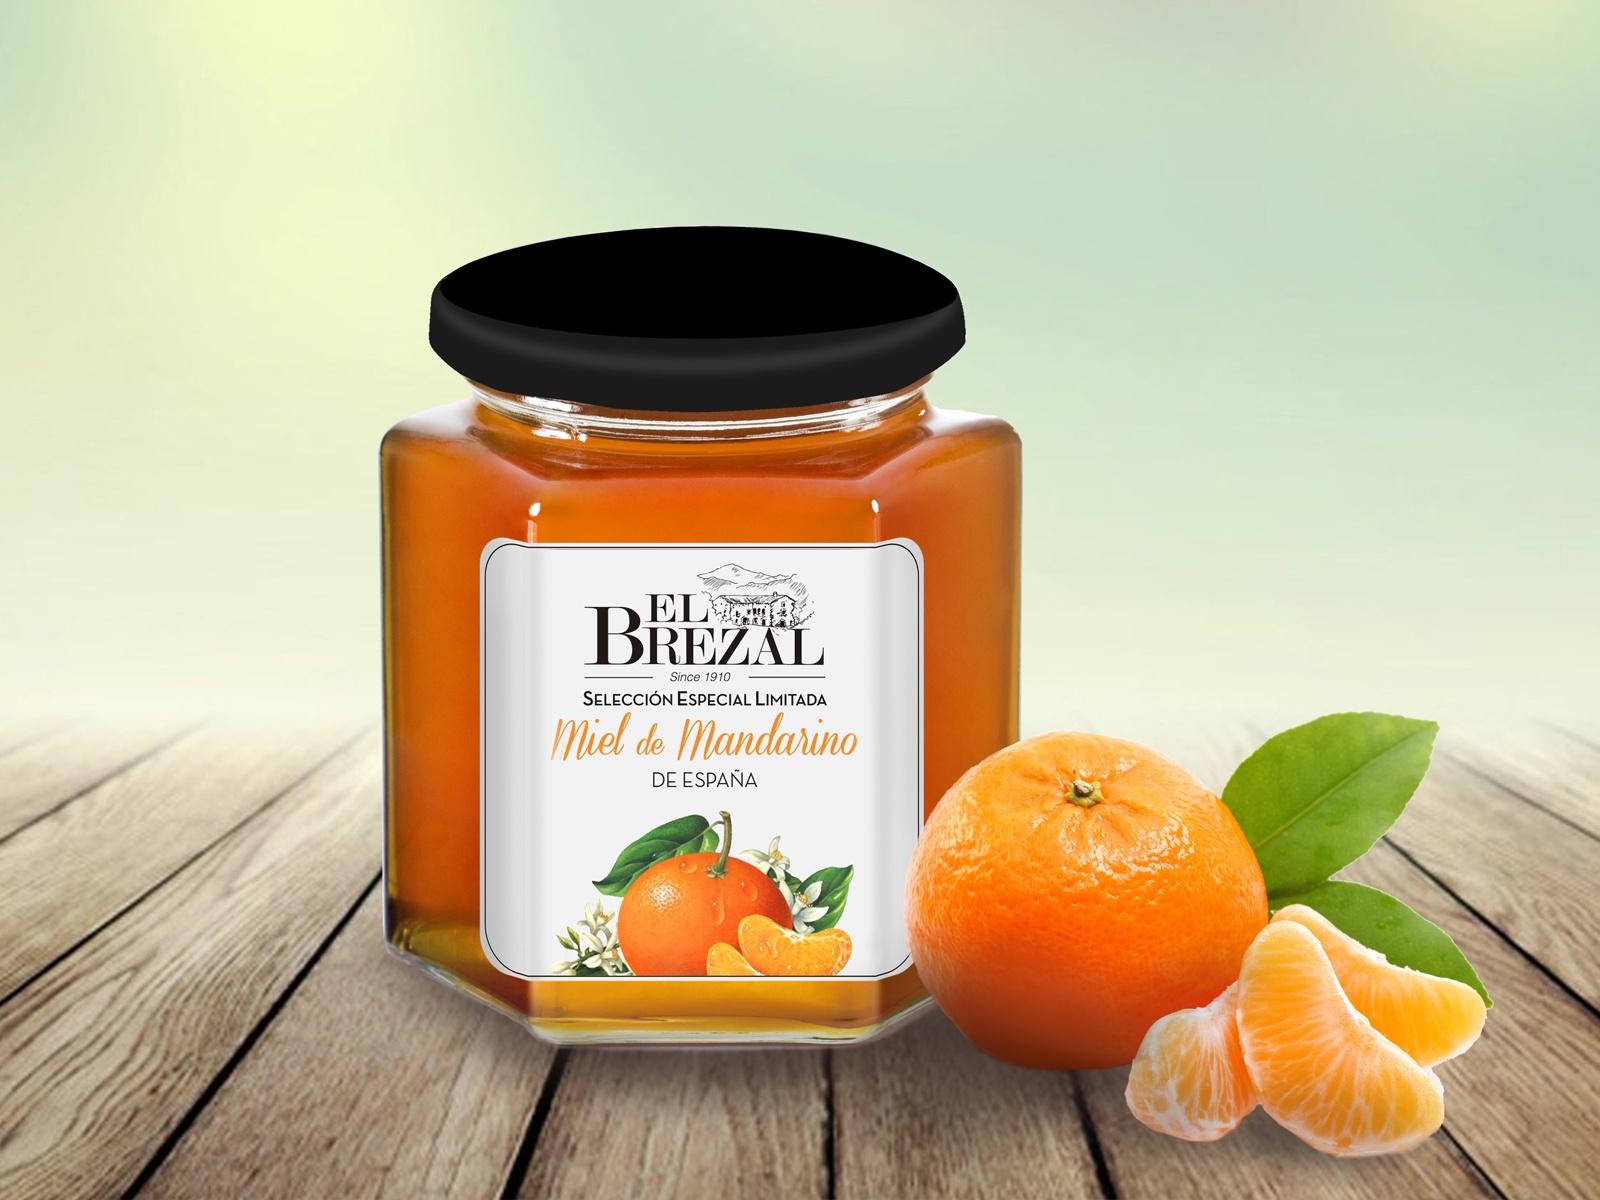 tarro de miel de mandarino